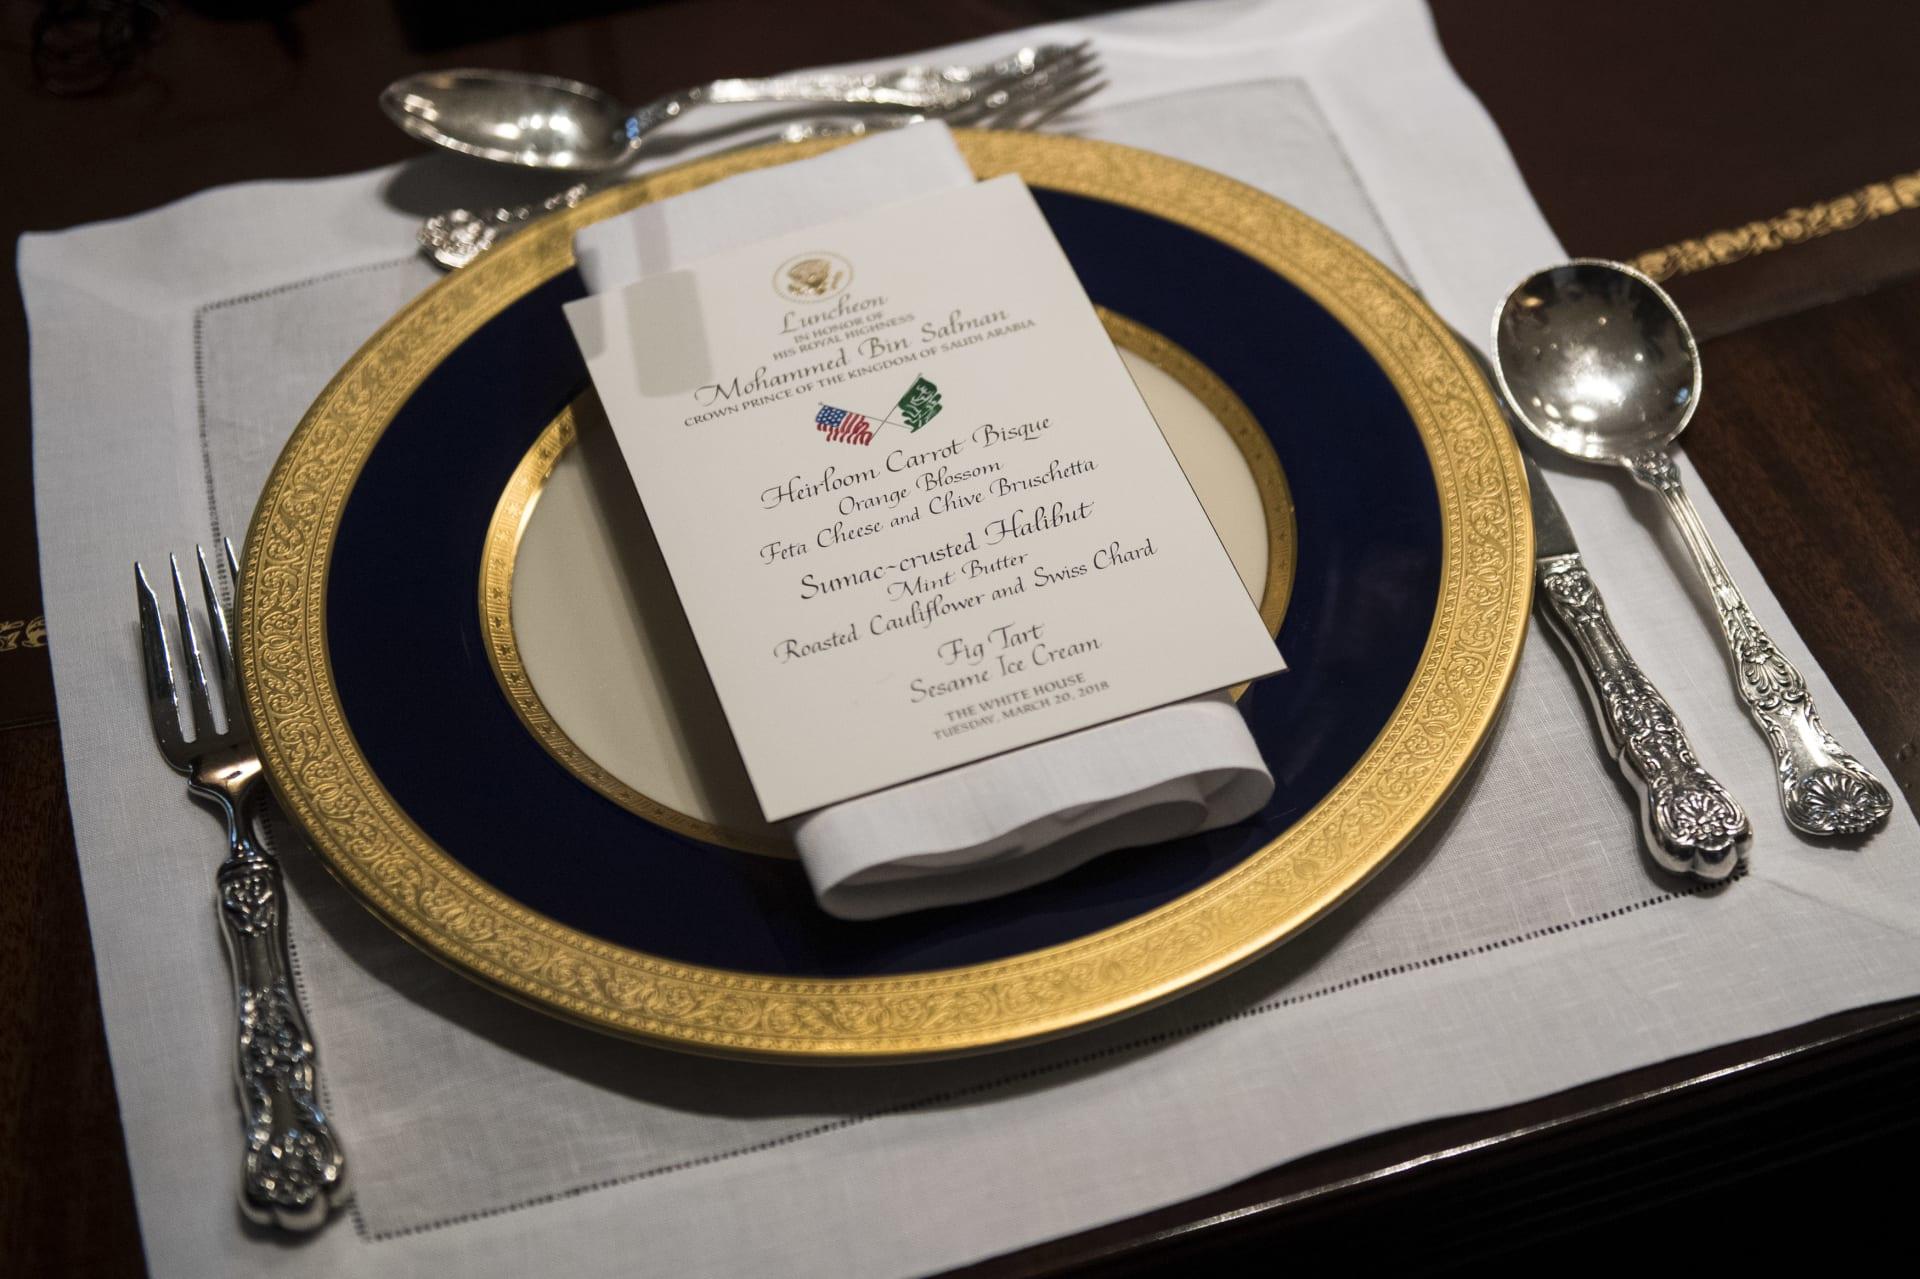 ولي العهد السعودي يلتقي بأعضاء مجلس الشيوخ